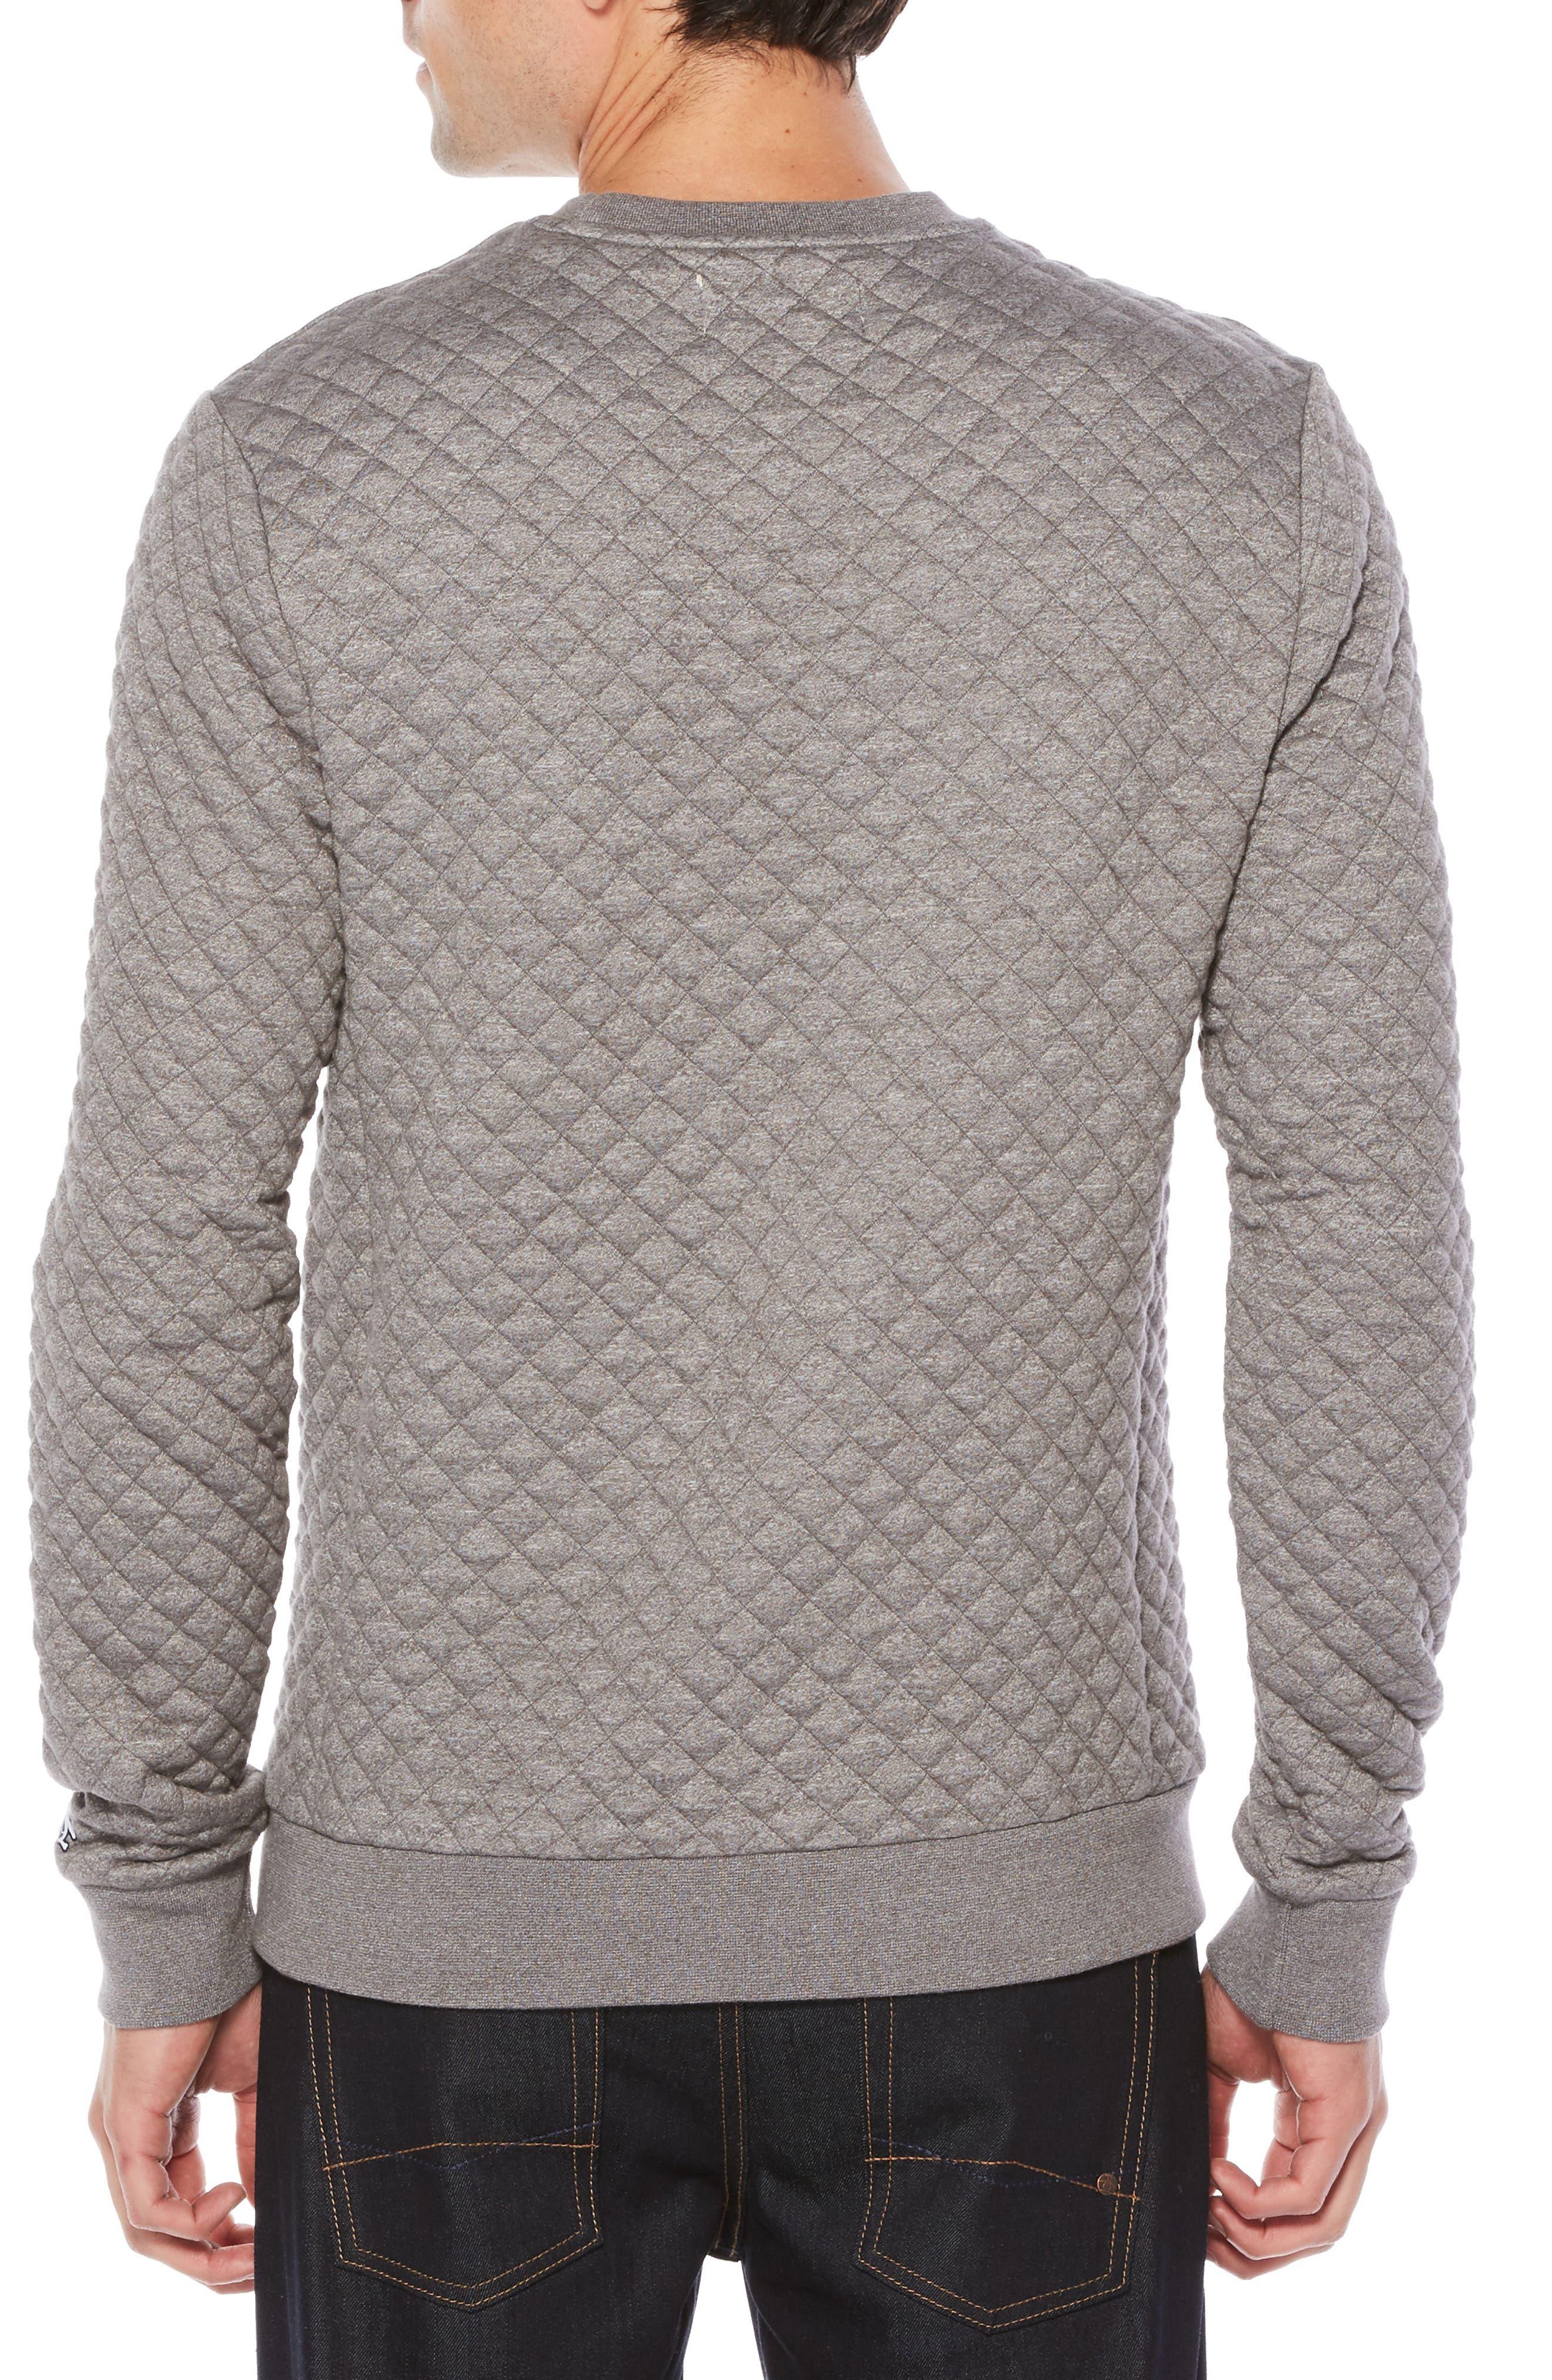 Alternate Image 2  - Original Penguin Quilted Sweater